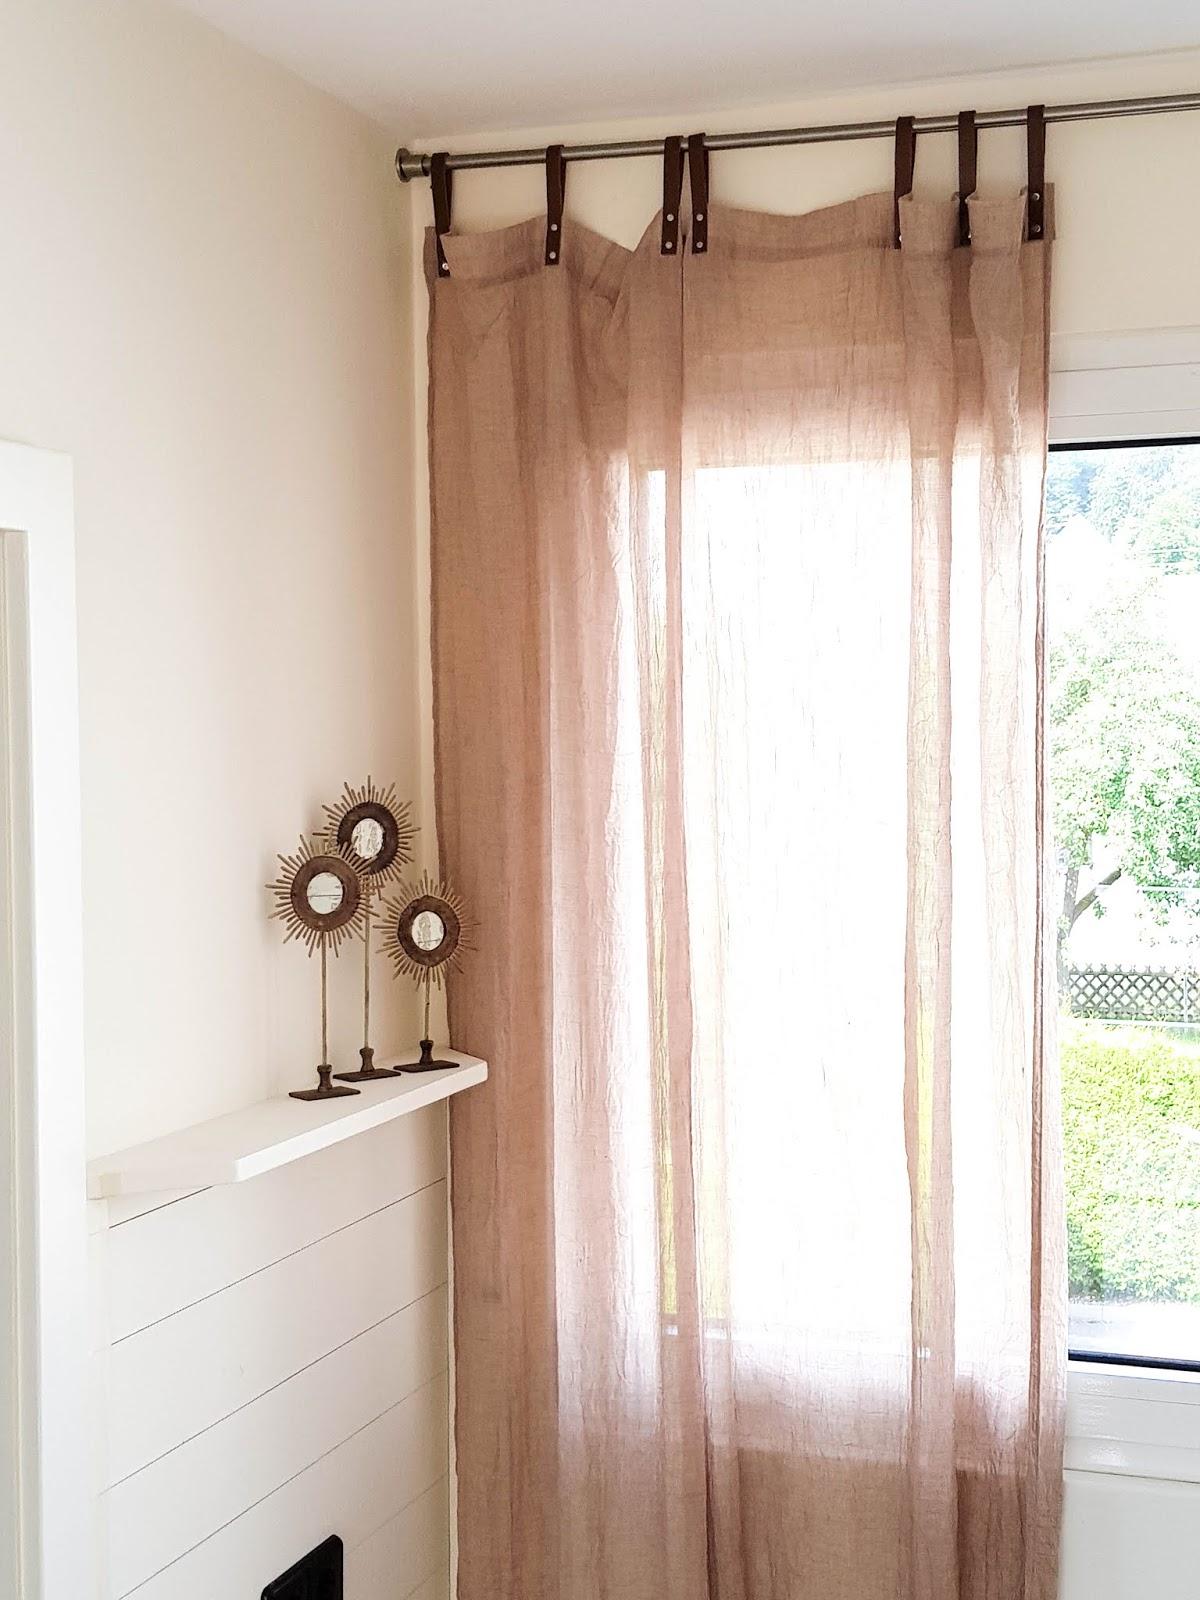 Tipp für schöne Vorhänge und Gardinen für Küche, Esszimmer, Wohnzimmer, Lederschlaufen, Schlaufen